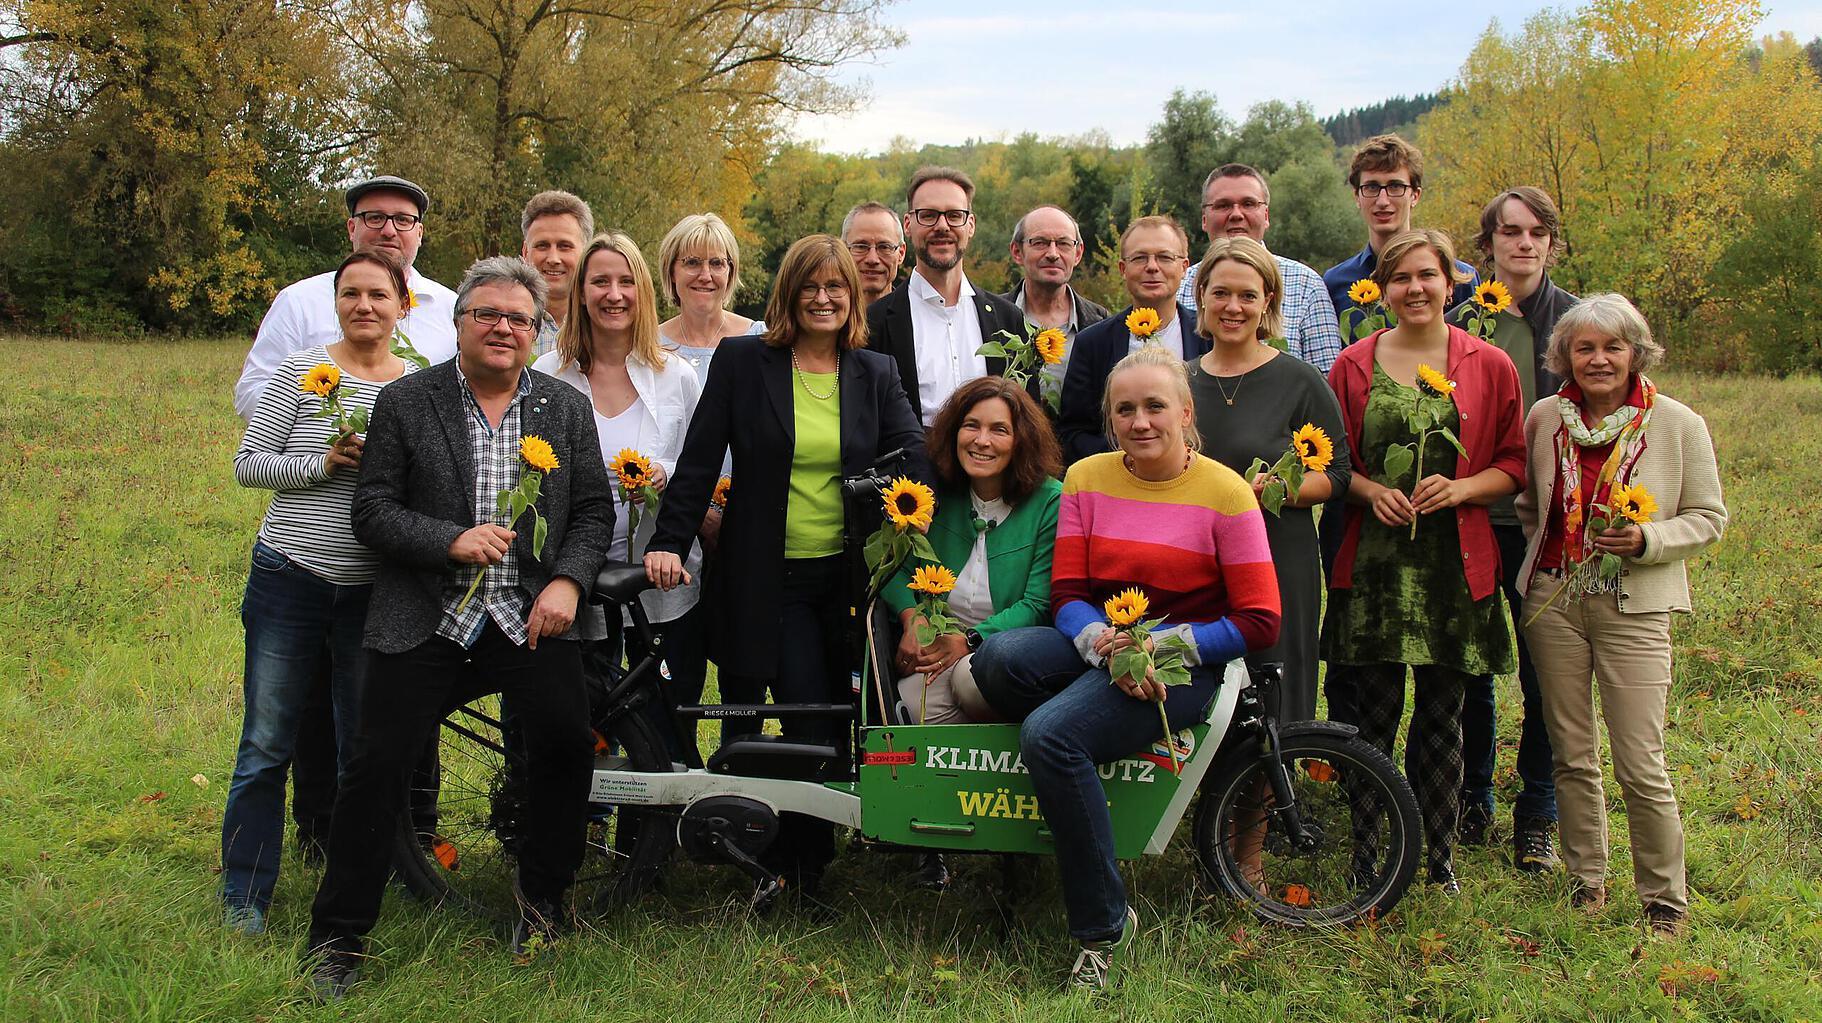 Gruppenbild der Kreistagsfraktion Würzburg-Land